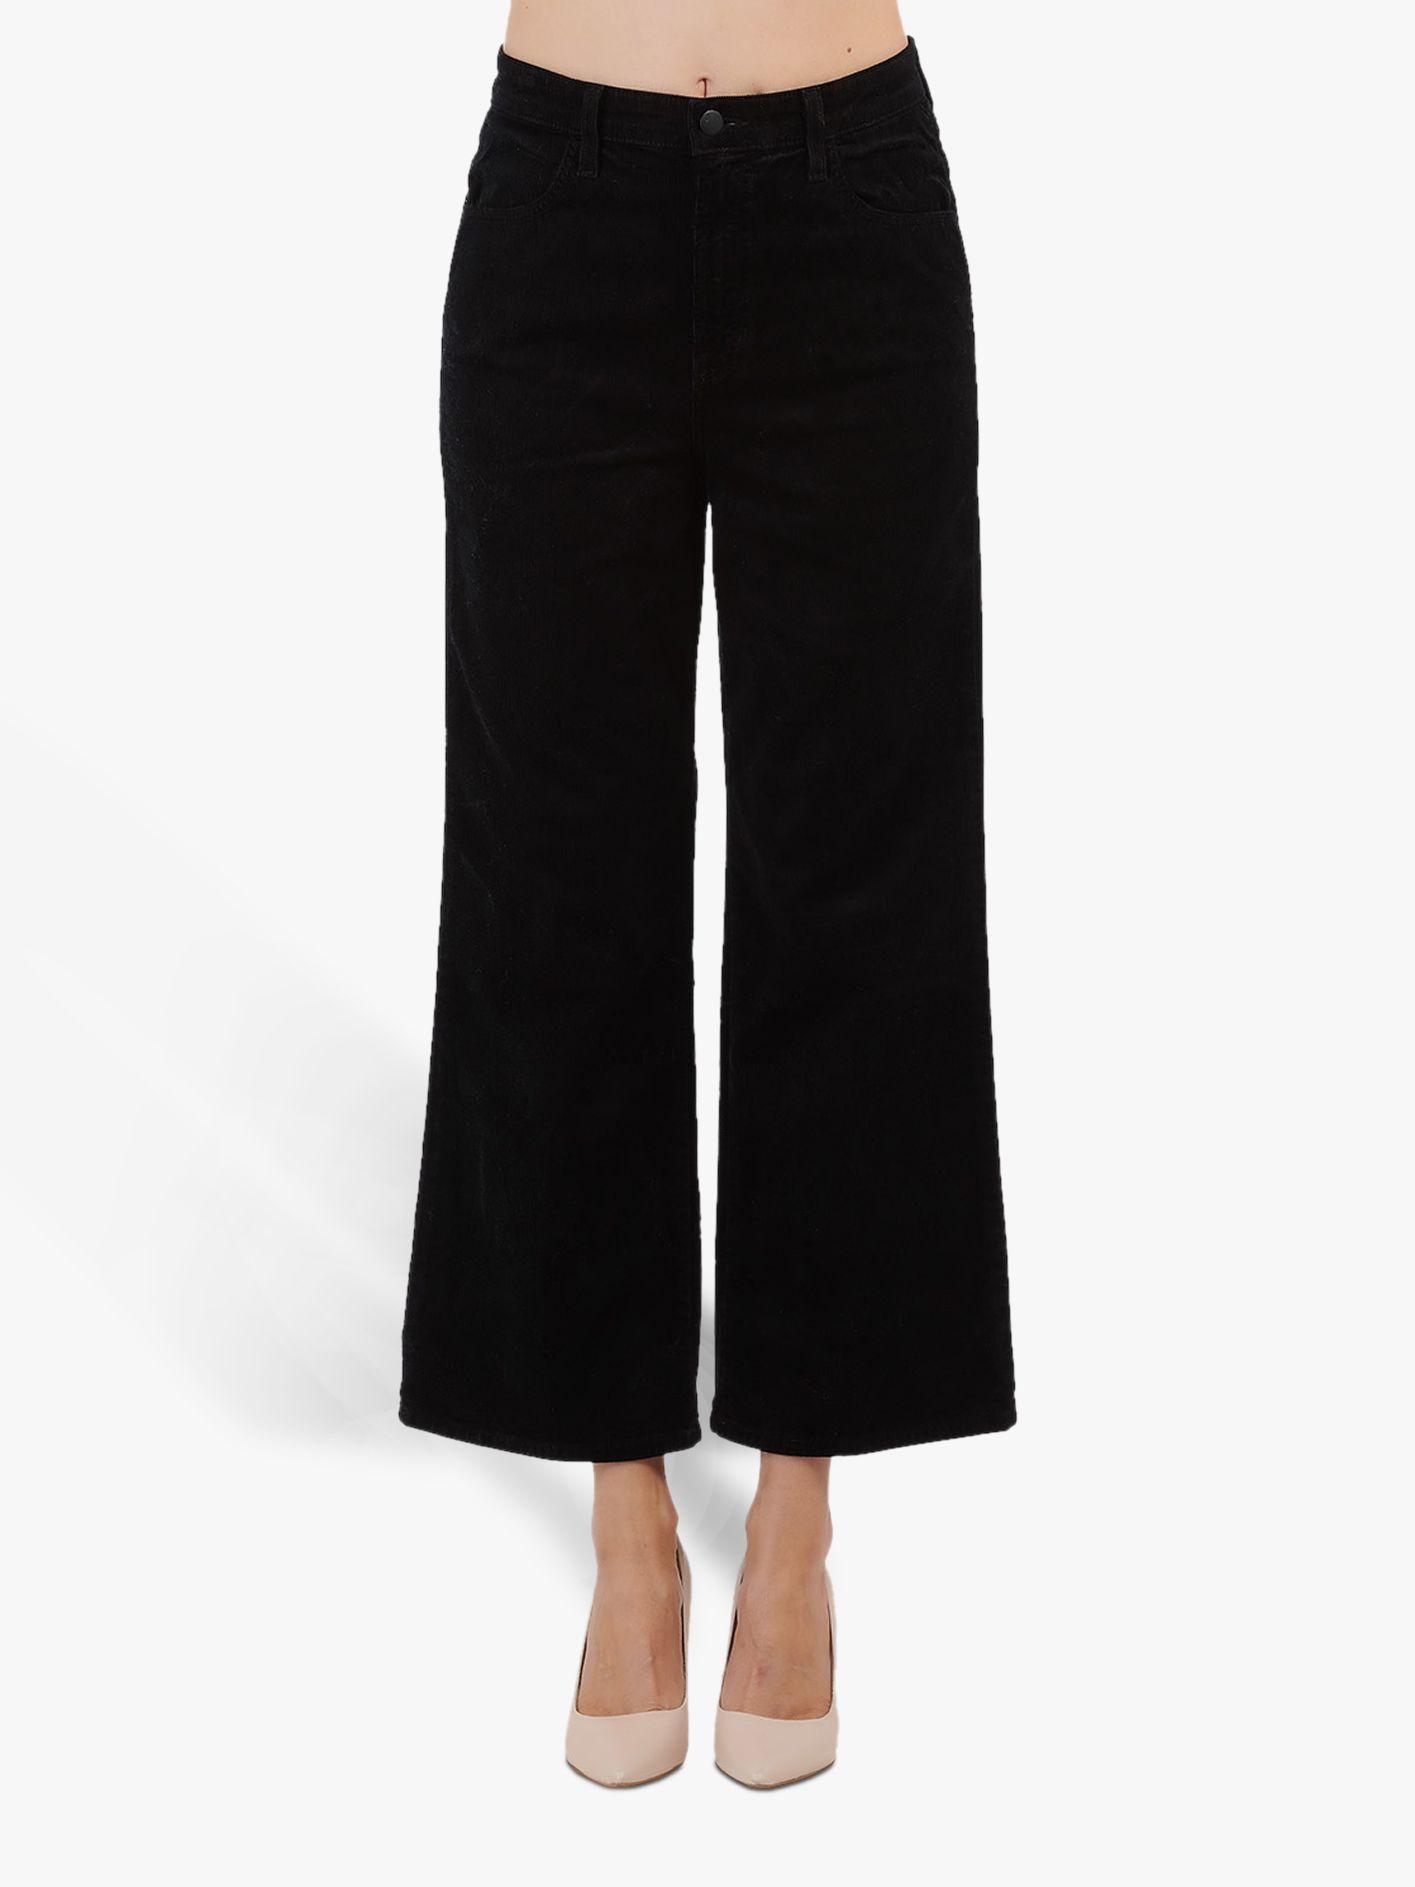 J Brand J Brand Joan High Rise Wide Leg Crop Jeans, Black